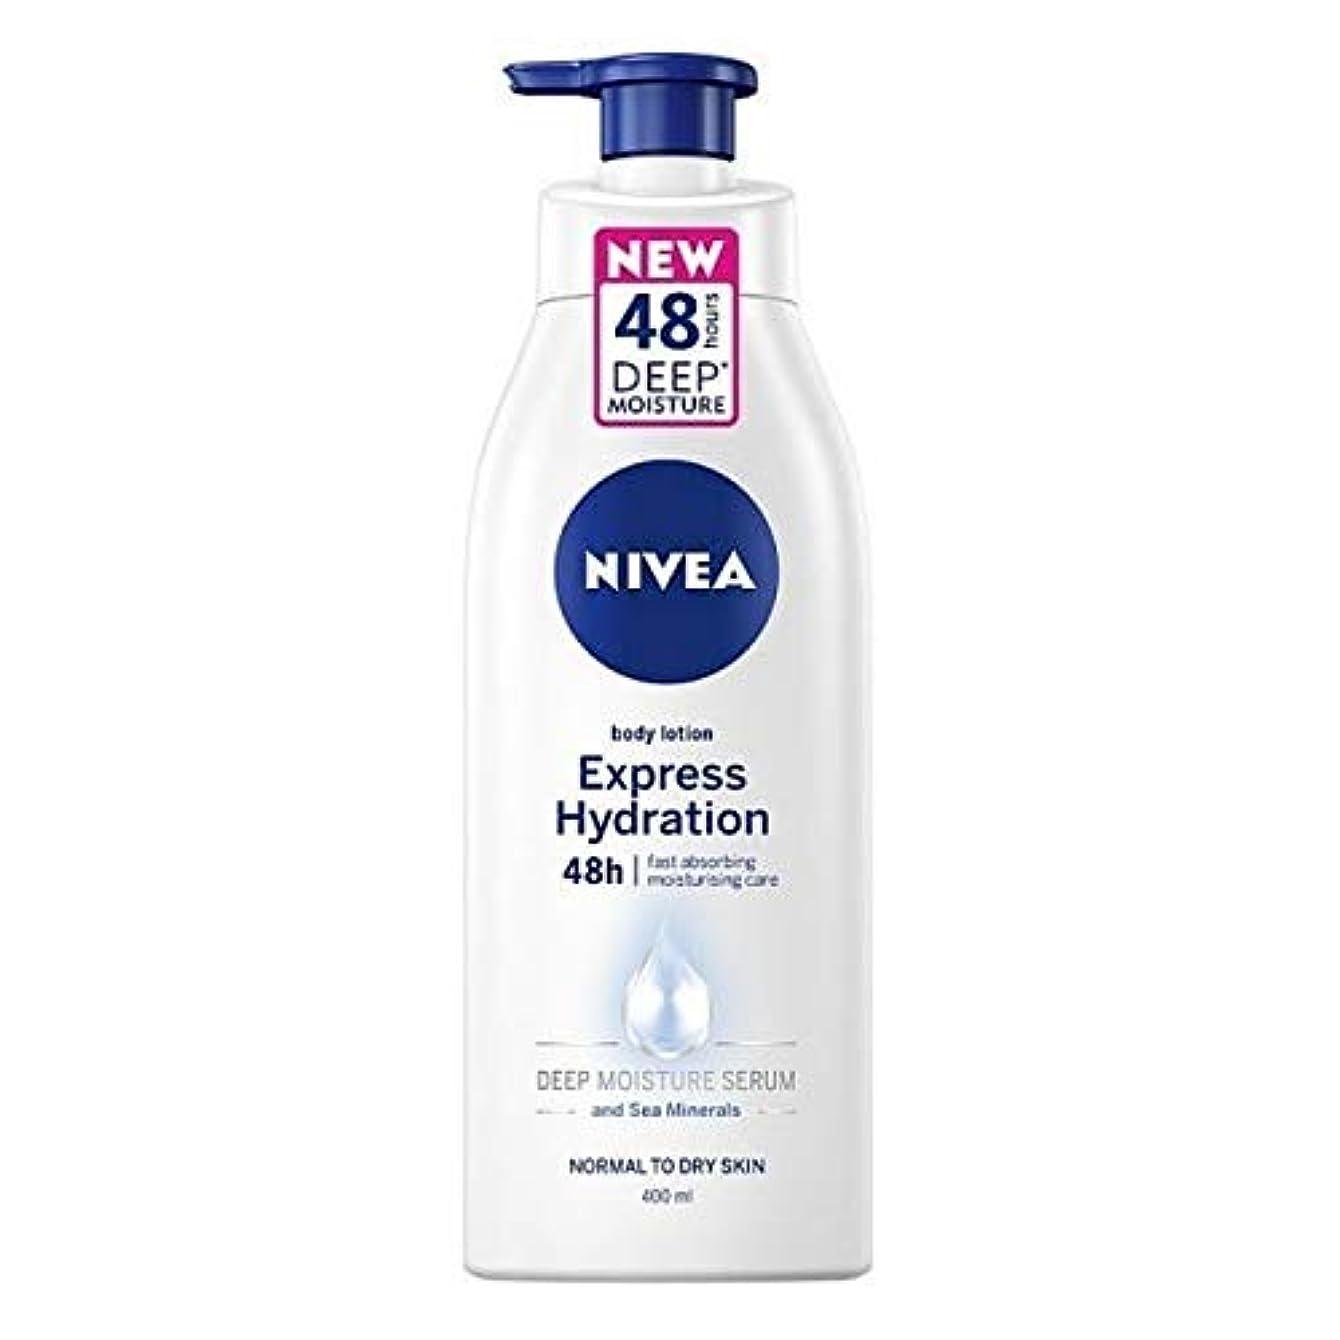 かかわらず郵便コウモリ[Nivea ] 高速の急行水和ボディローション400ミリリットルを吸収ニベア - NIVEA Fast Absorbing Express Hydration Body Lotion 400ml [並行輸入品]